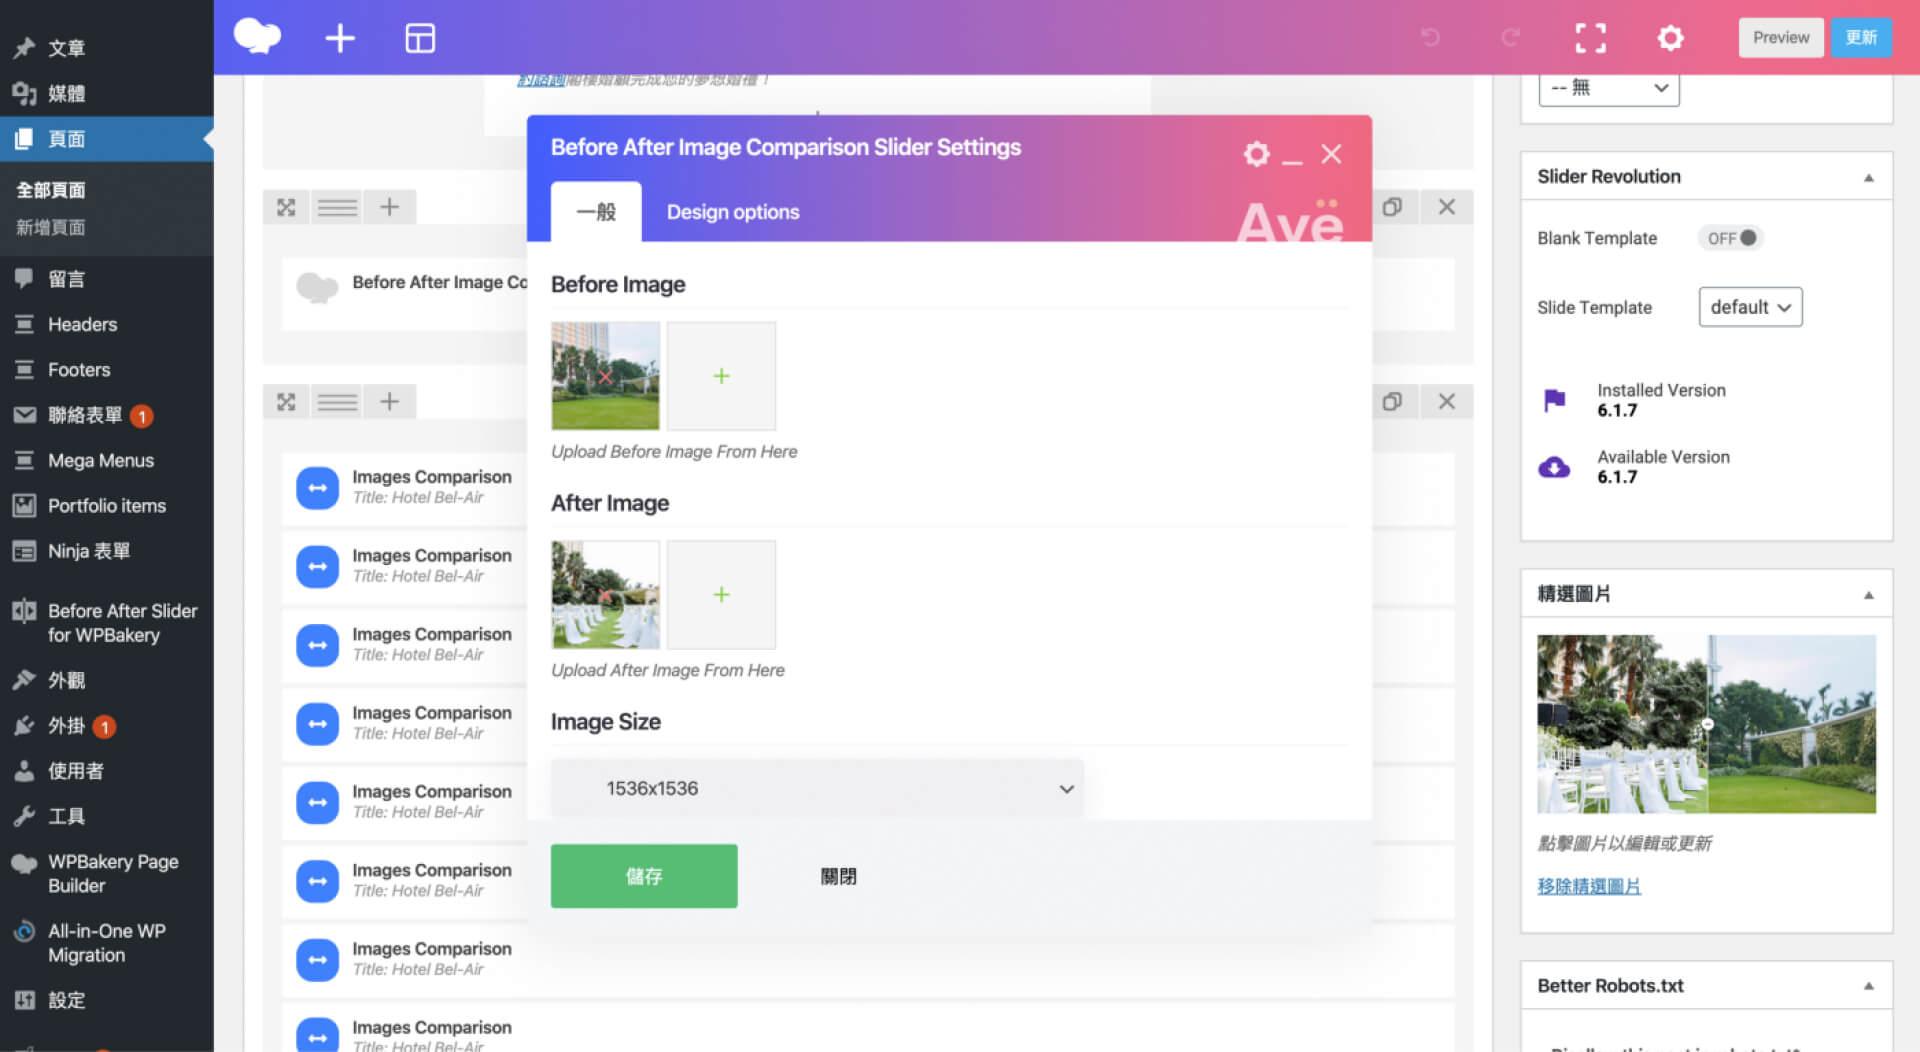 Before After Image Comparison Slider for WPBakery Page Builder 外掛介面簡介-IrvingLab 爾文實驗室